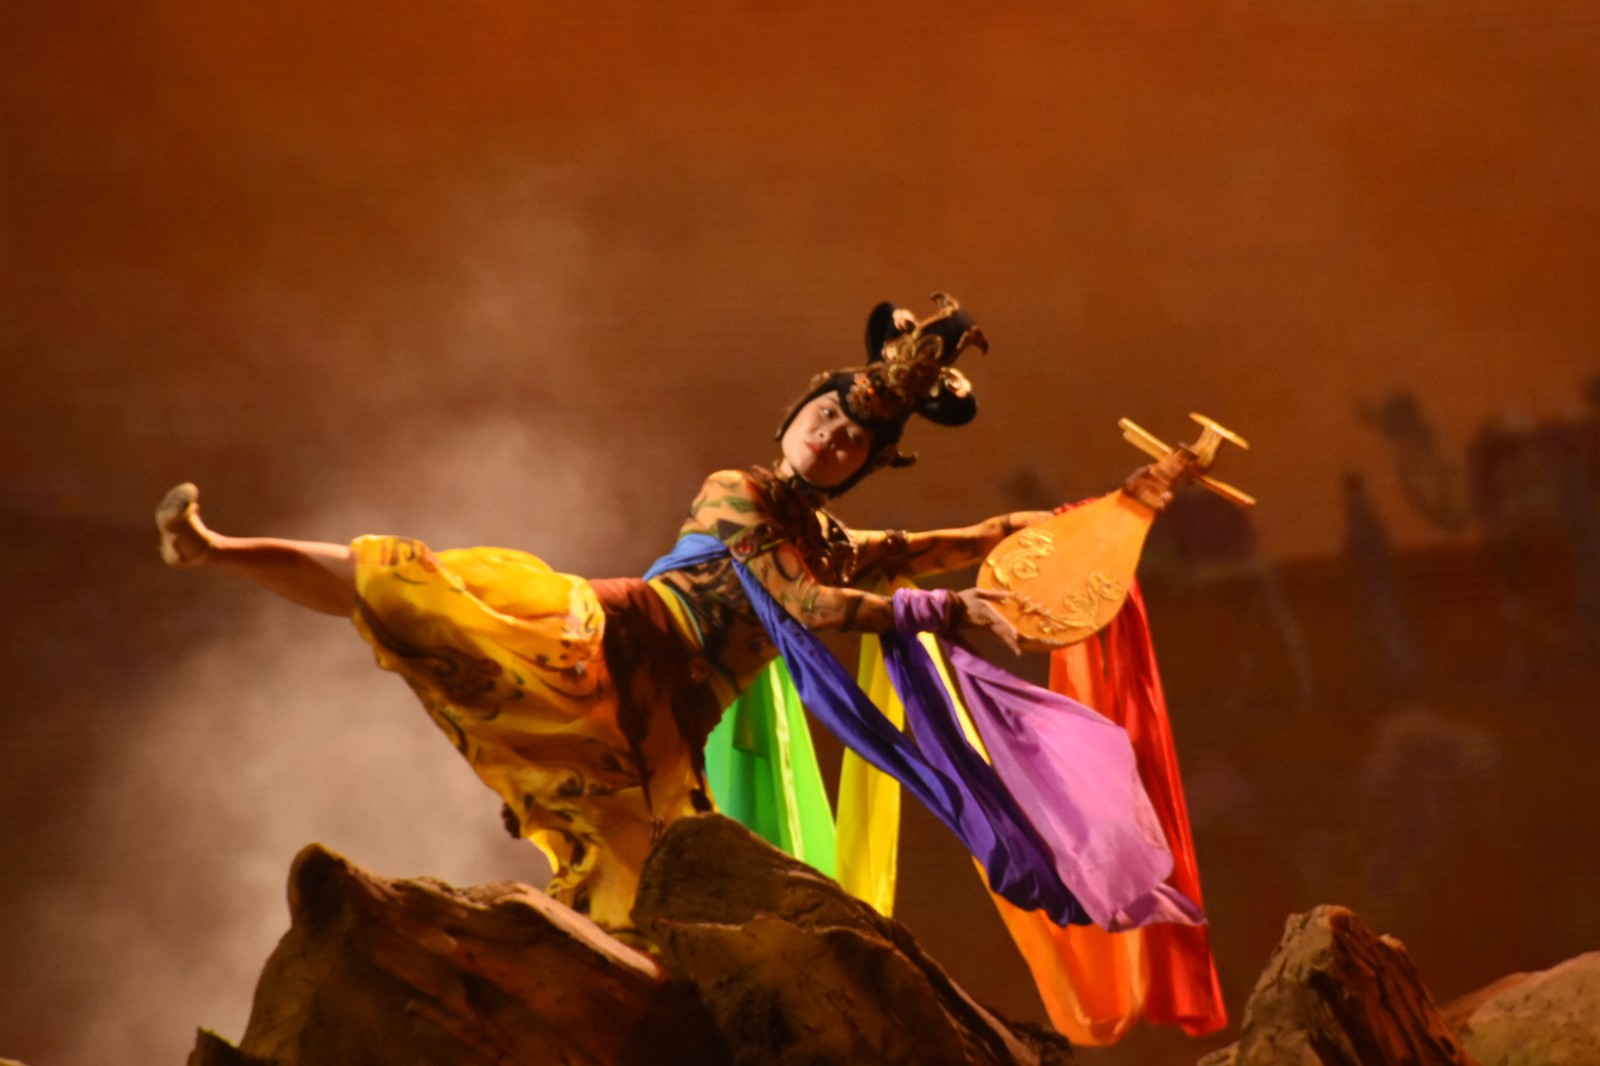 【五一浐灞游】世界首创旋转实景演艺《驼铃传奇》秀震撼你的眼